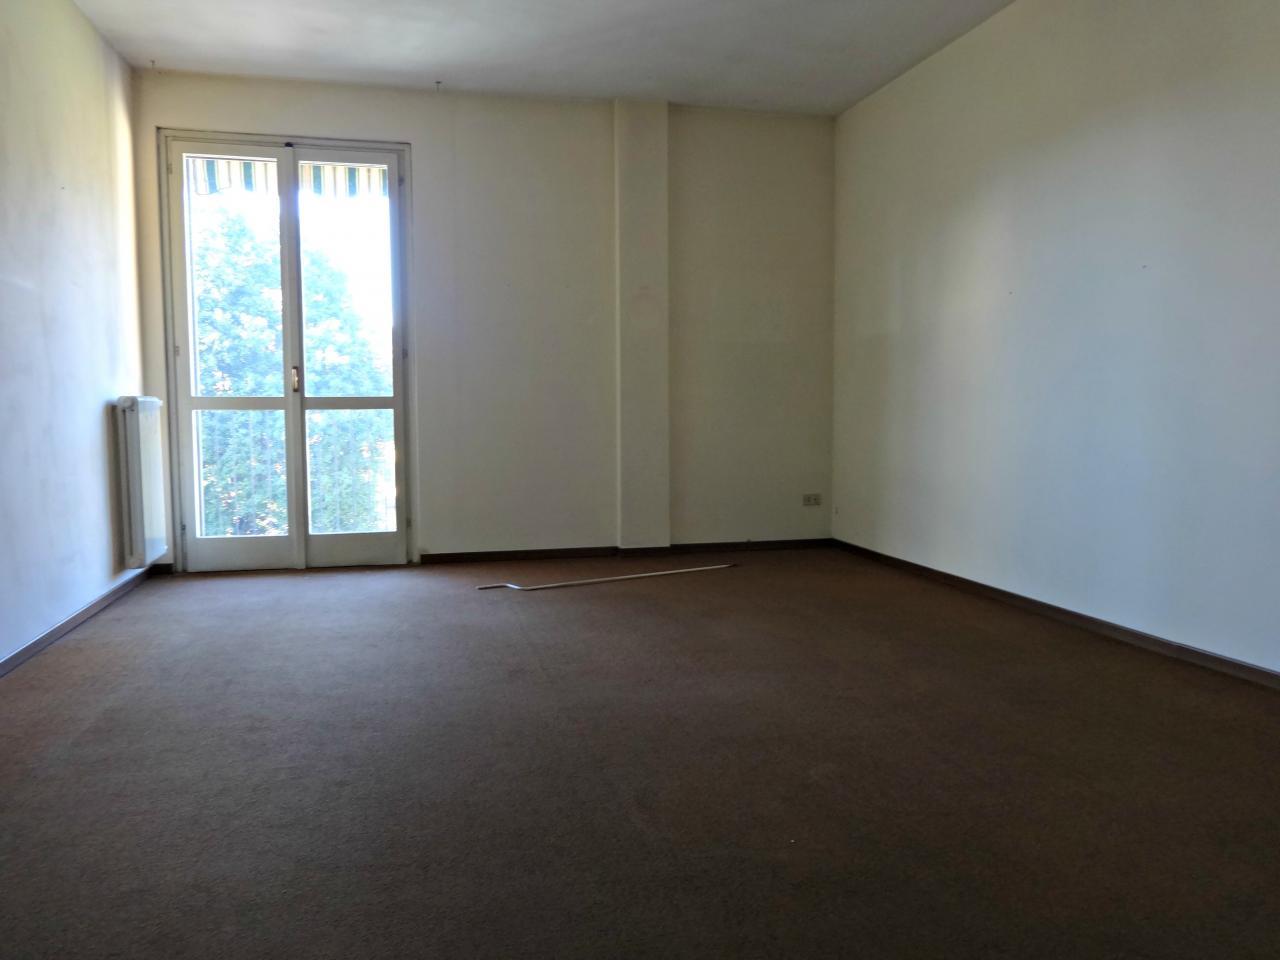 Appartamento in affitto a Verbania, 3 locali, zona Località: Intracentro, prezzo € 900 | Cambio Casa.it